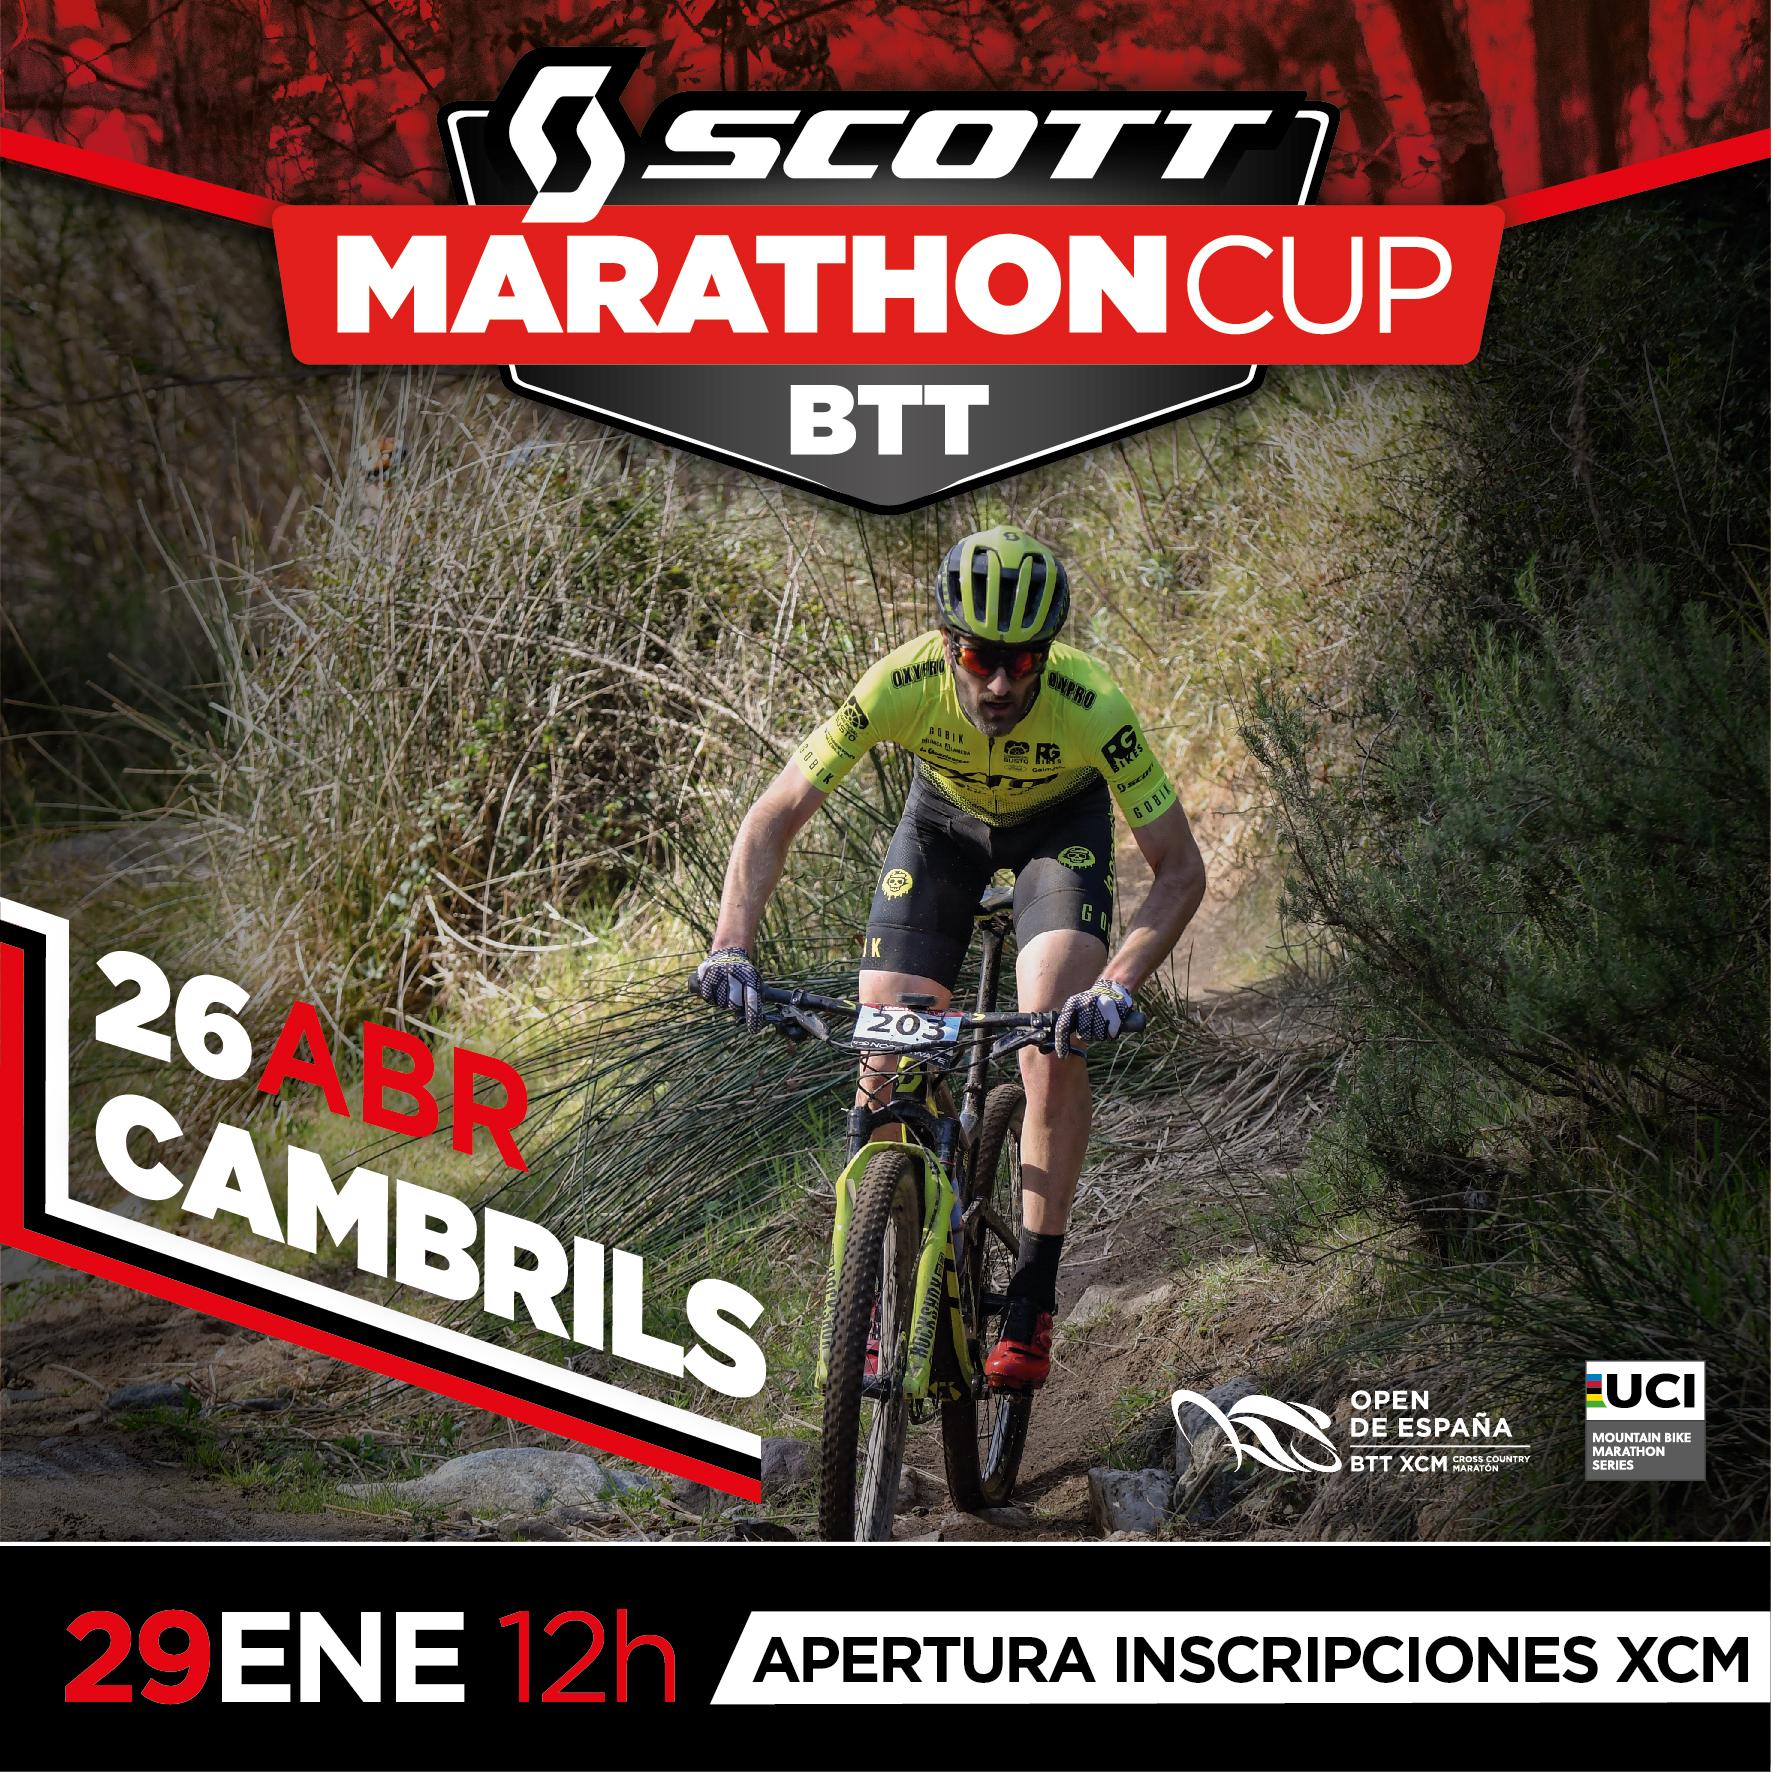 La Scott Marathon Cup de Cambrils volver� a ser una de las pruebas estrella del a�o